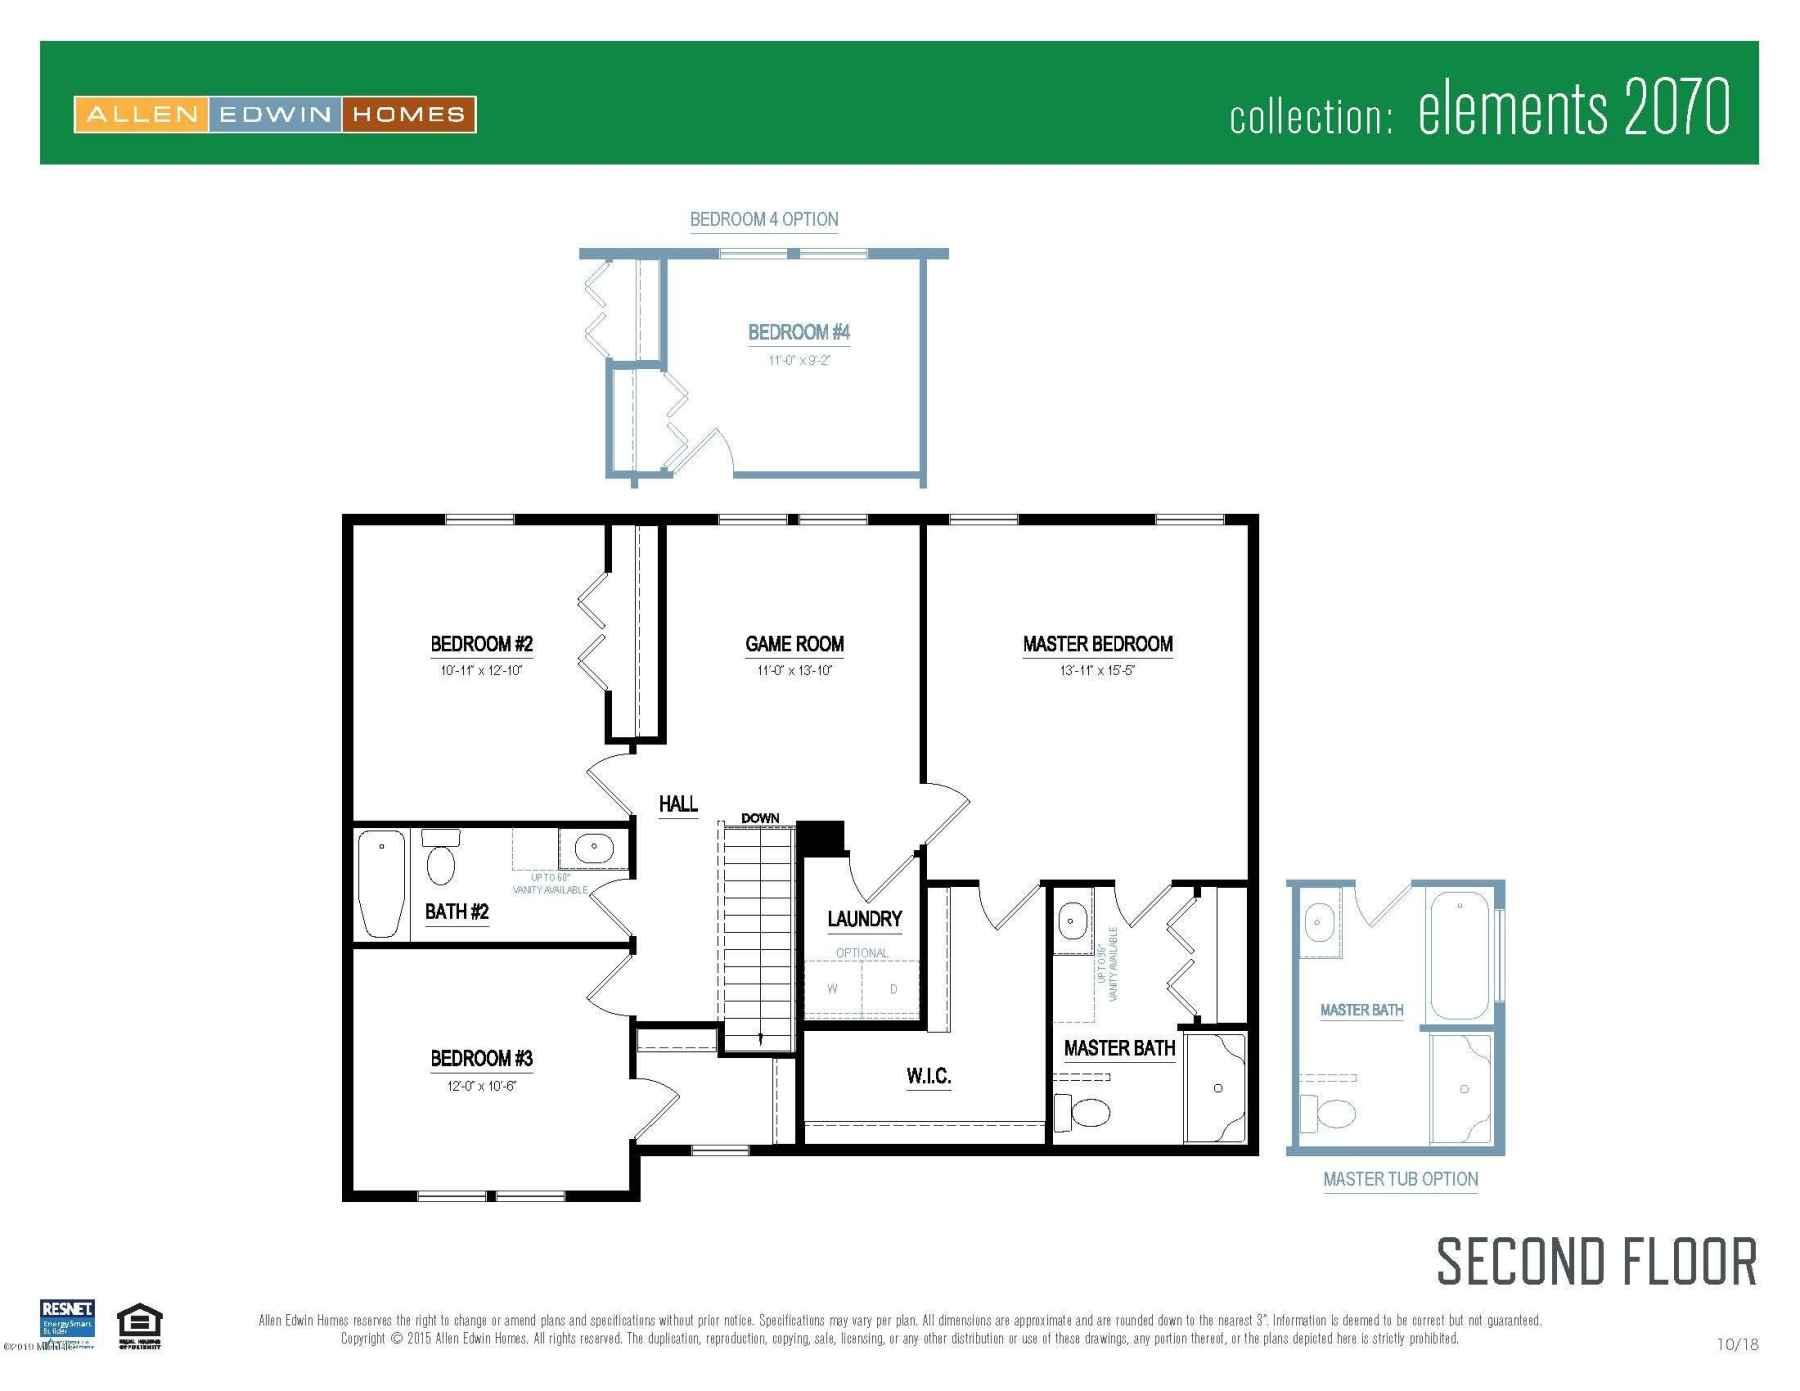 Elements 2070 V8.0a Second Floor